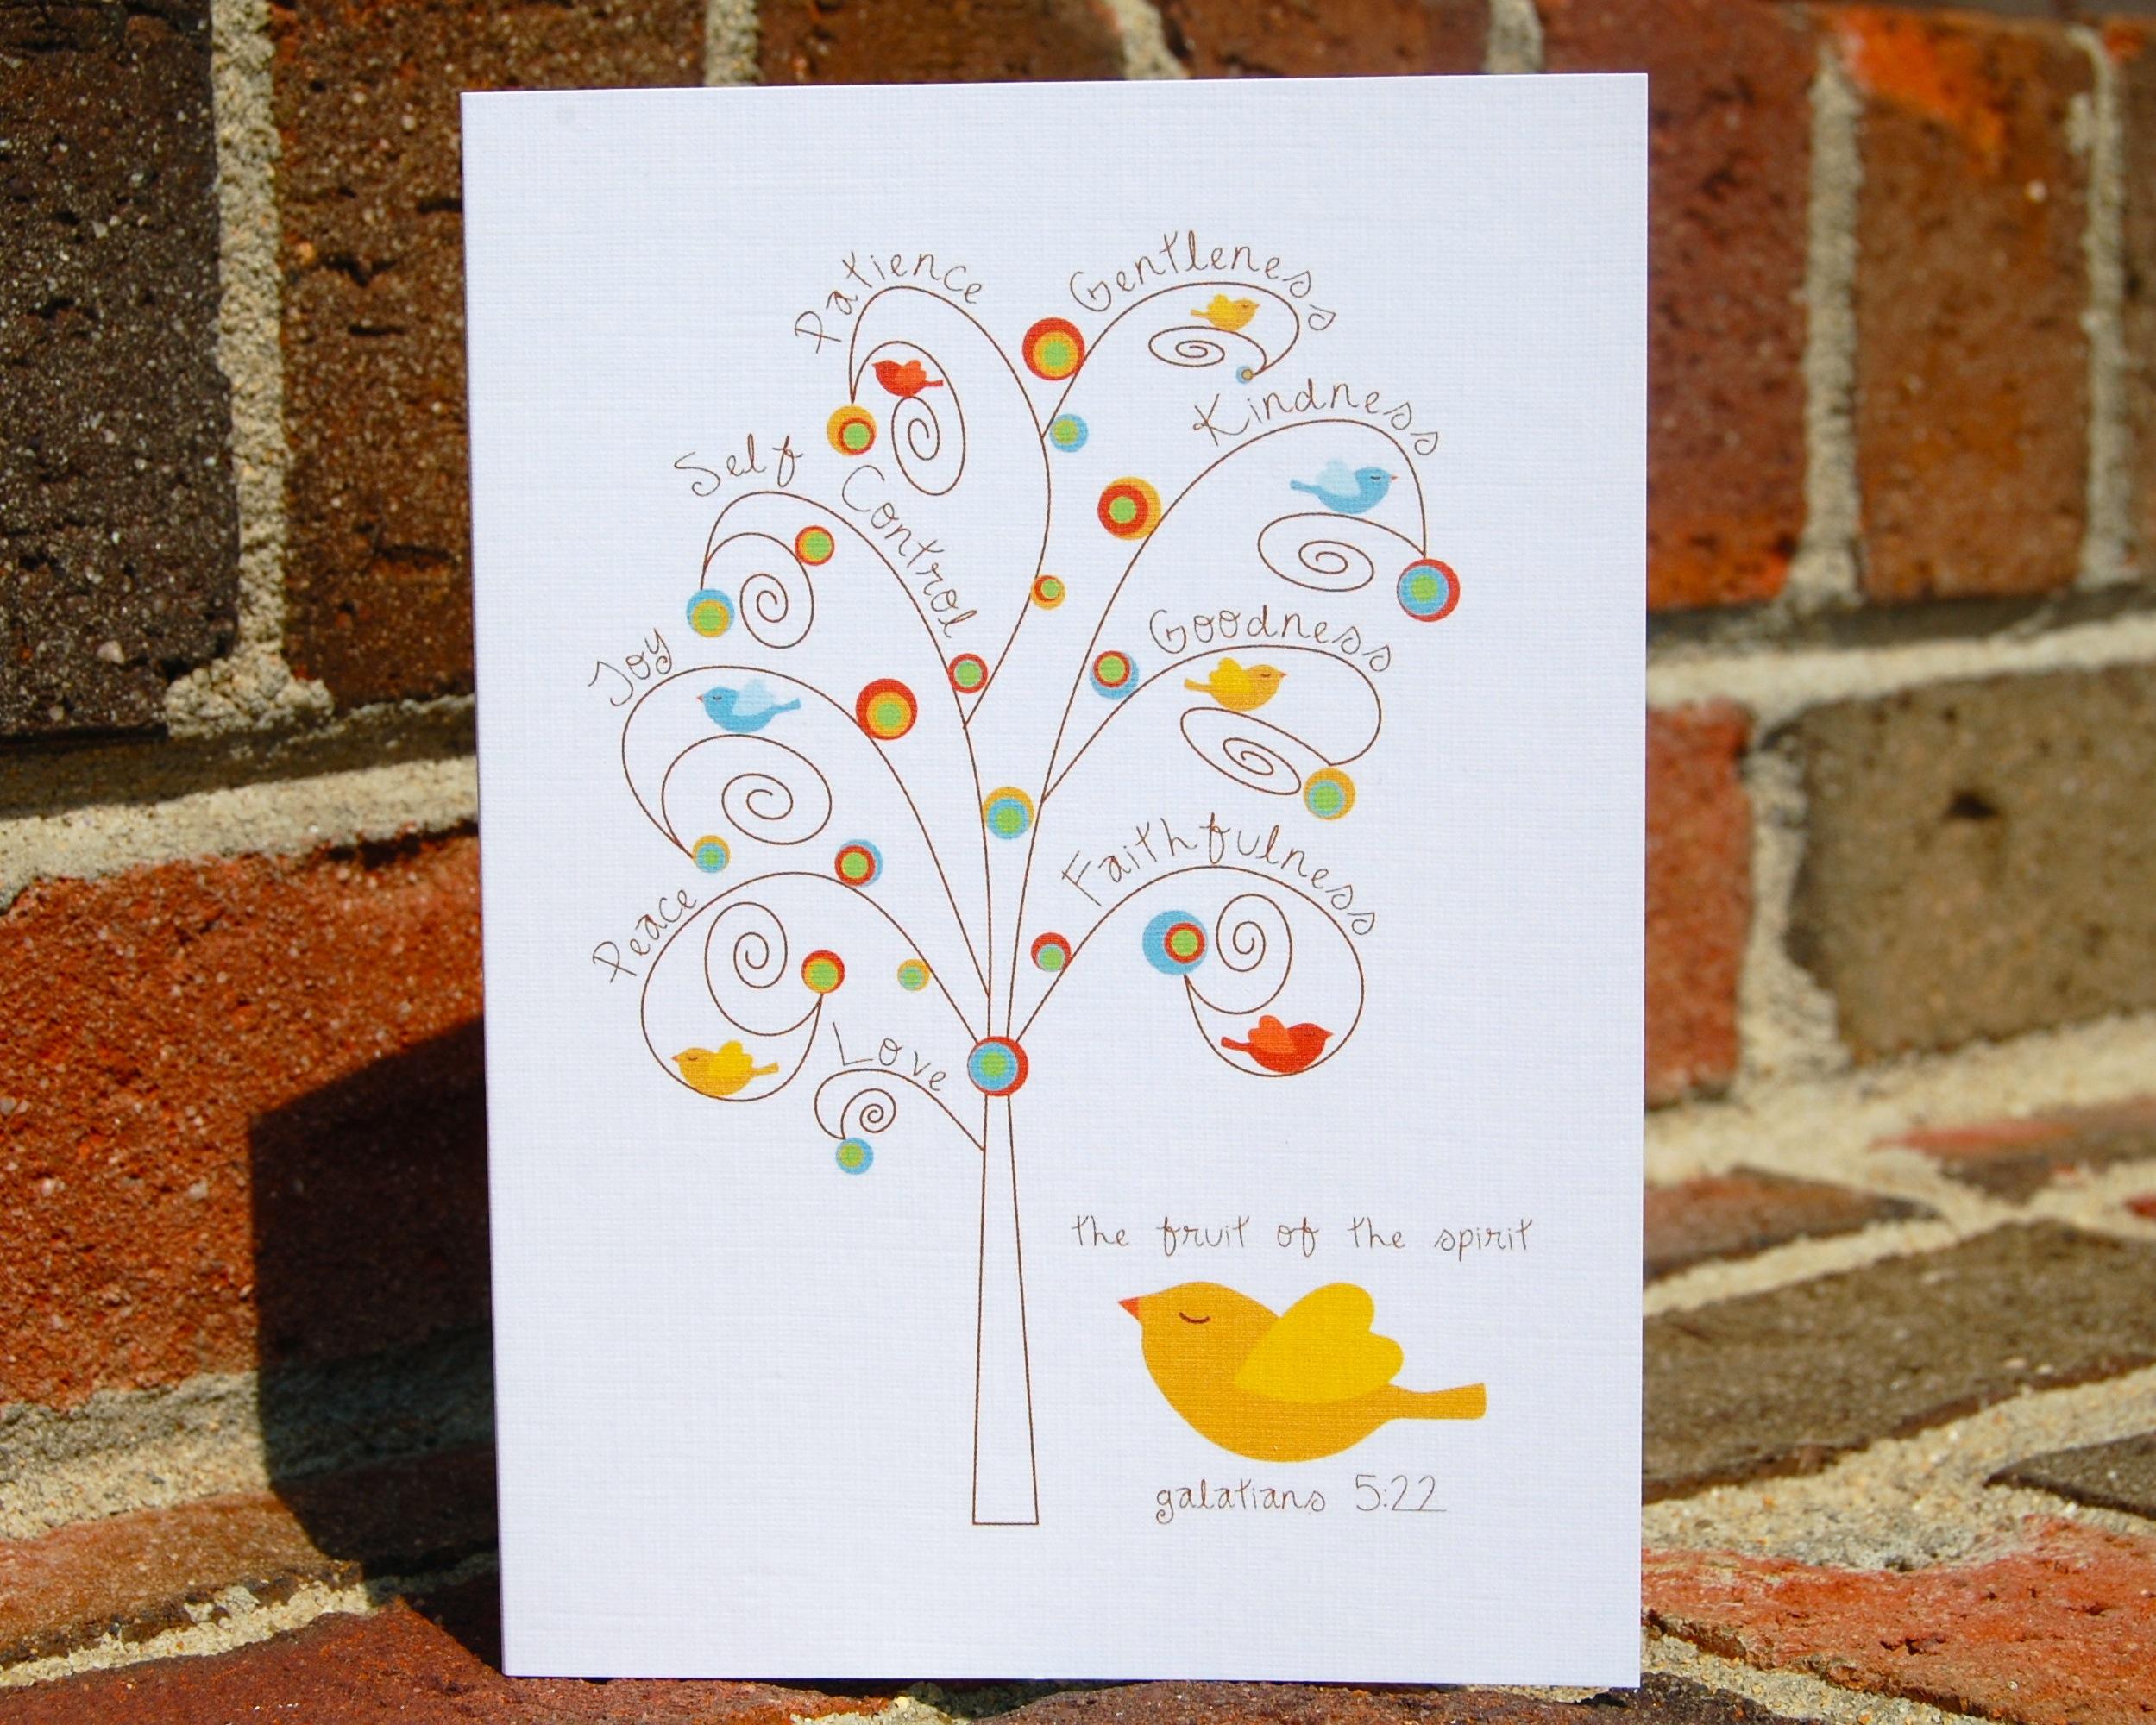 fruit of the spirit notecard - 2.jpg